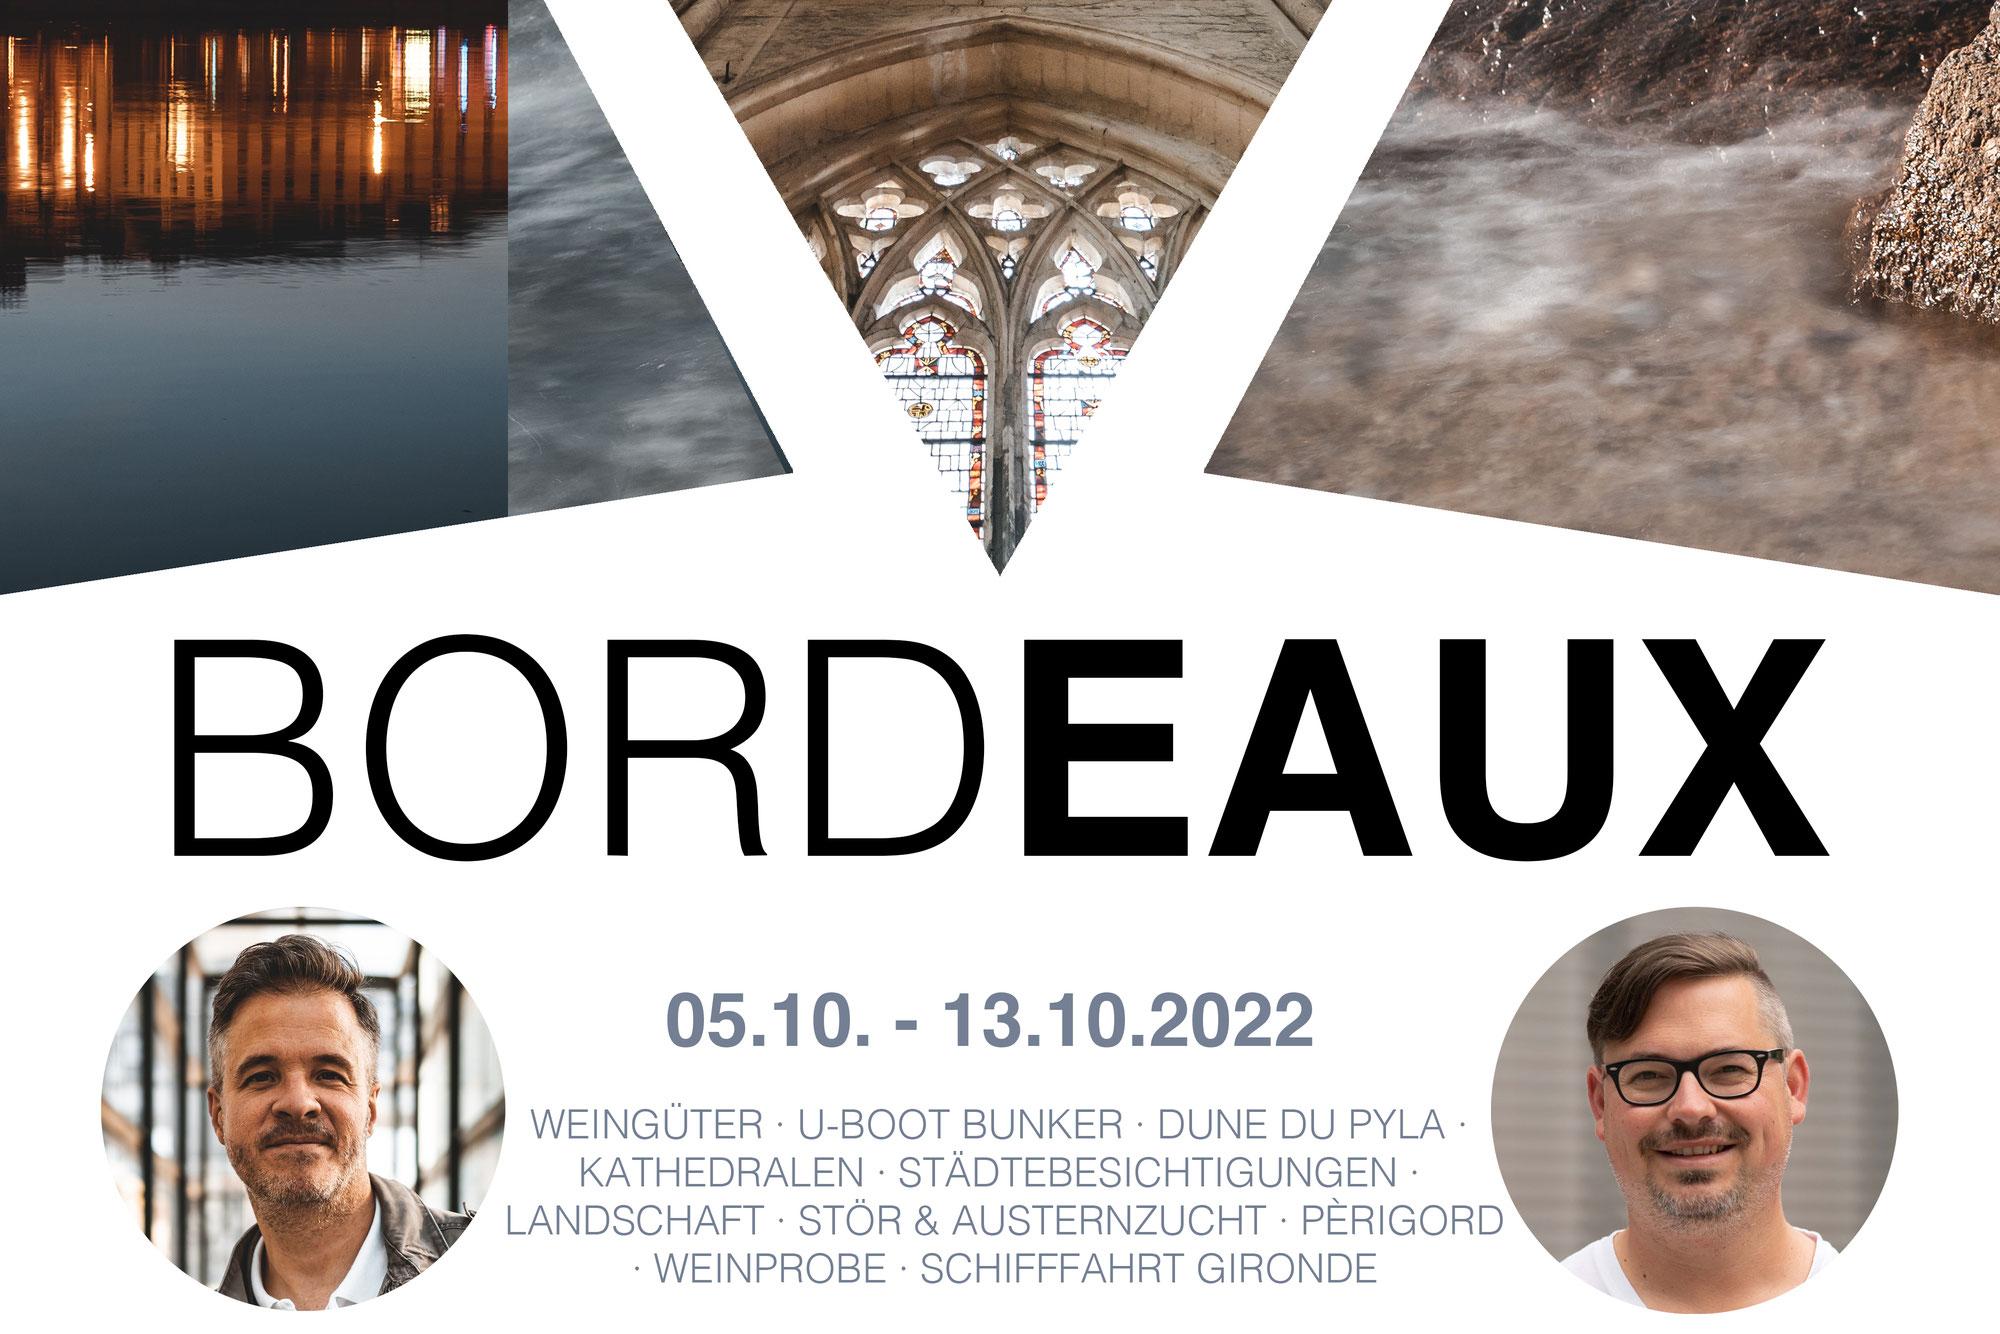 Bordeaux & Périgord